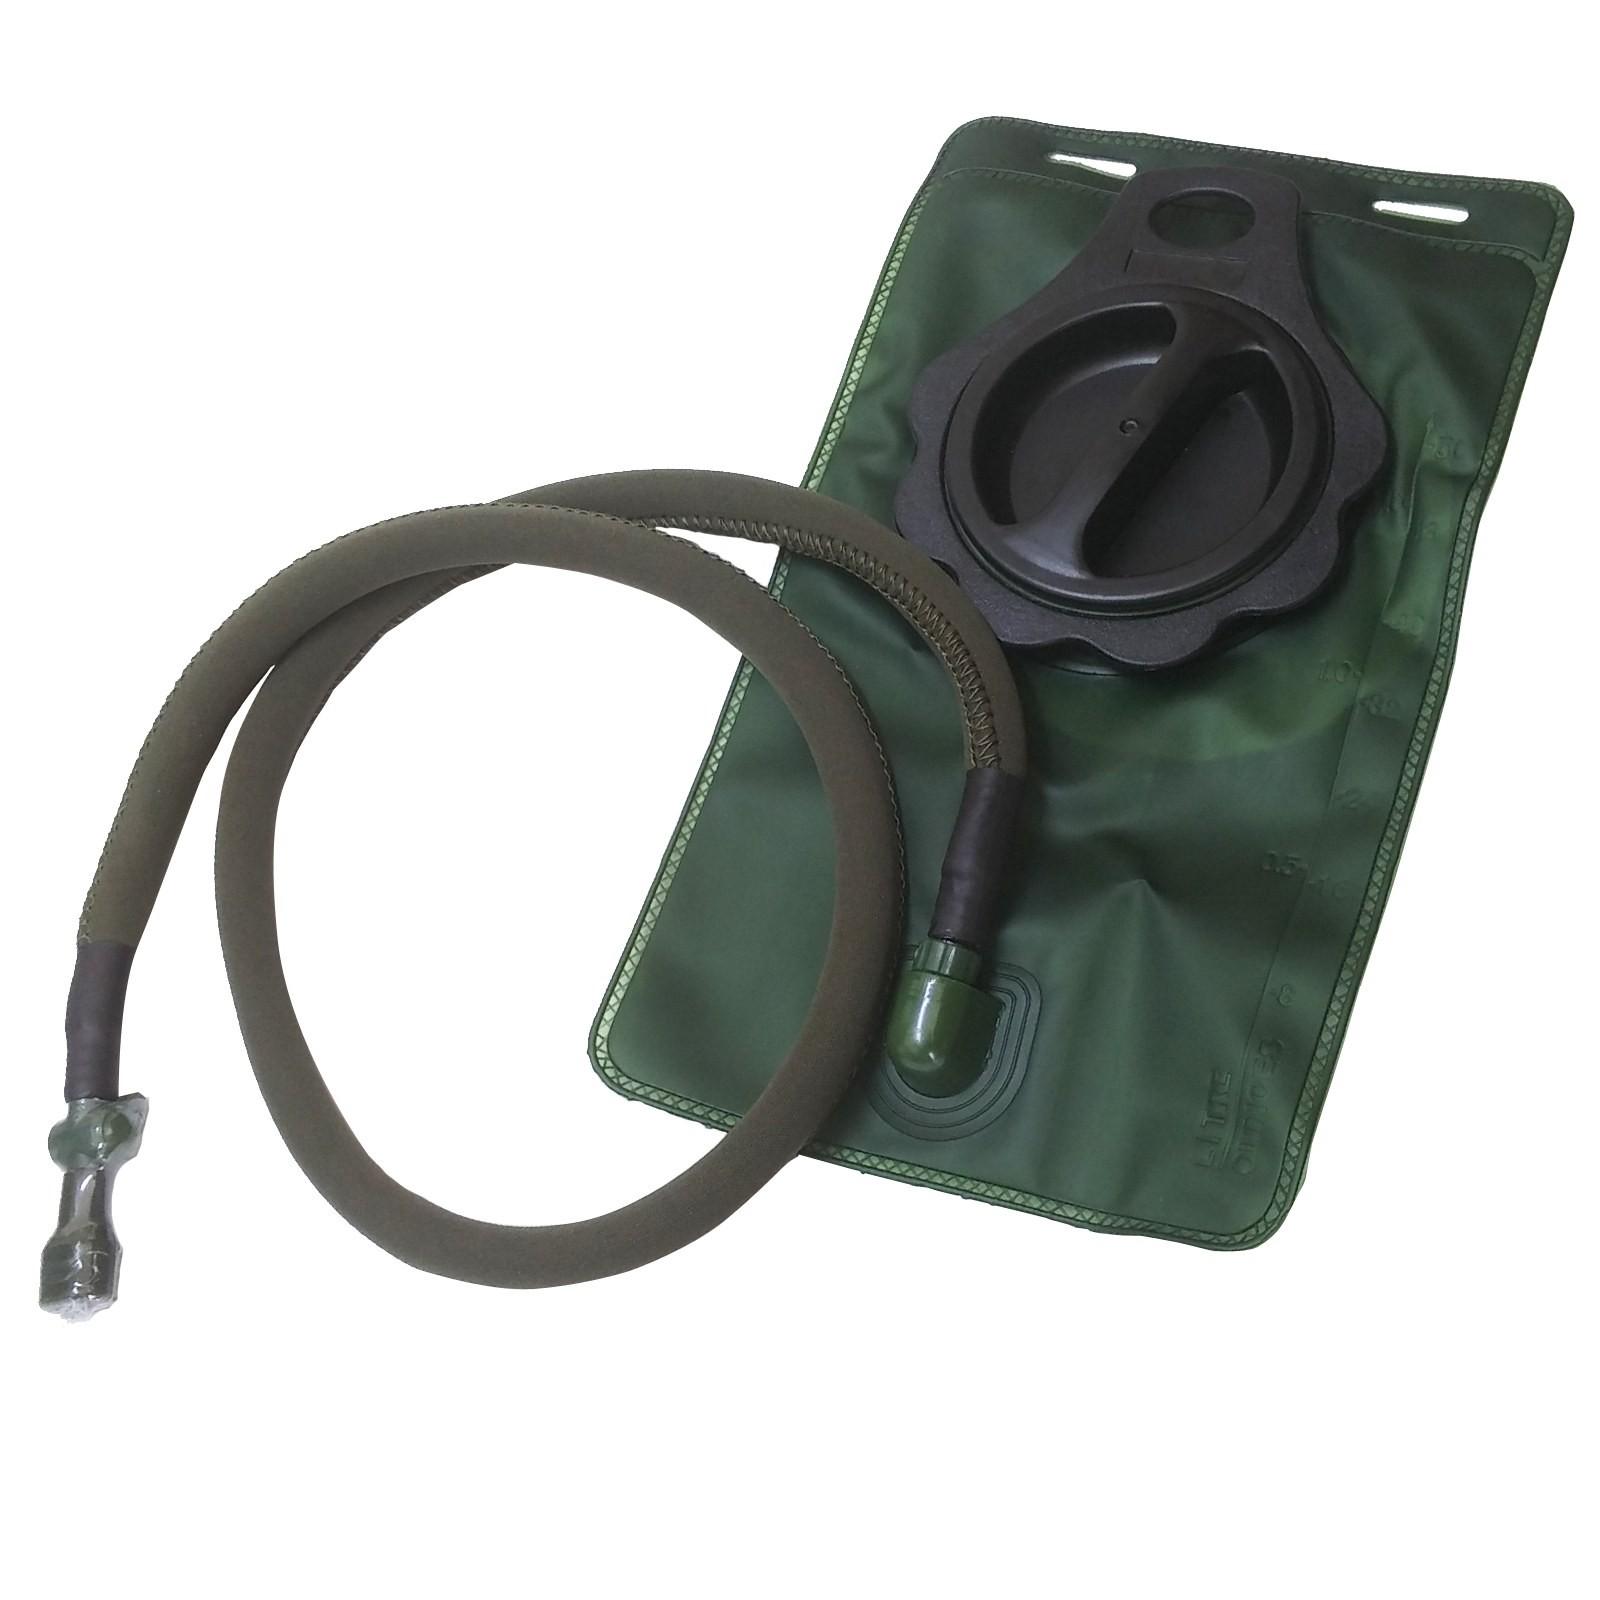 Sacca Liquidi Vescica CamelBak Idratazione SoftAir Porta Acqua 1,5 Litri